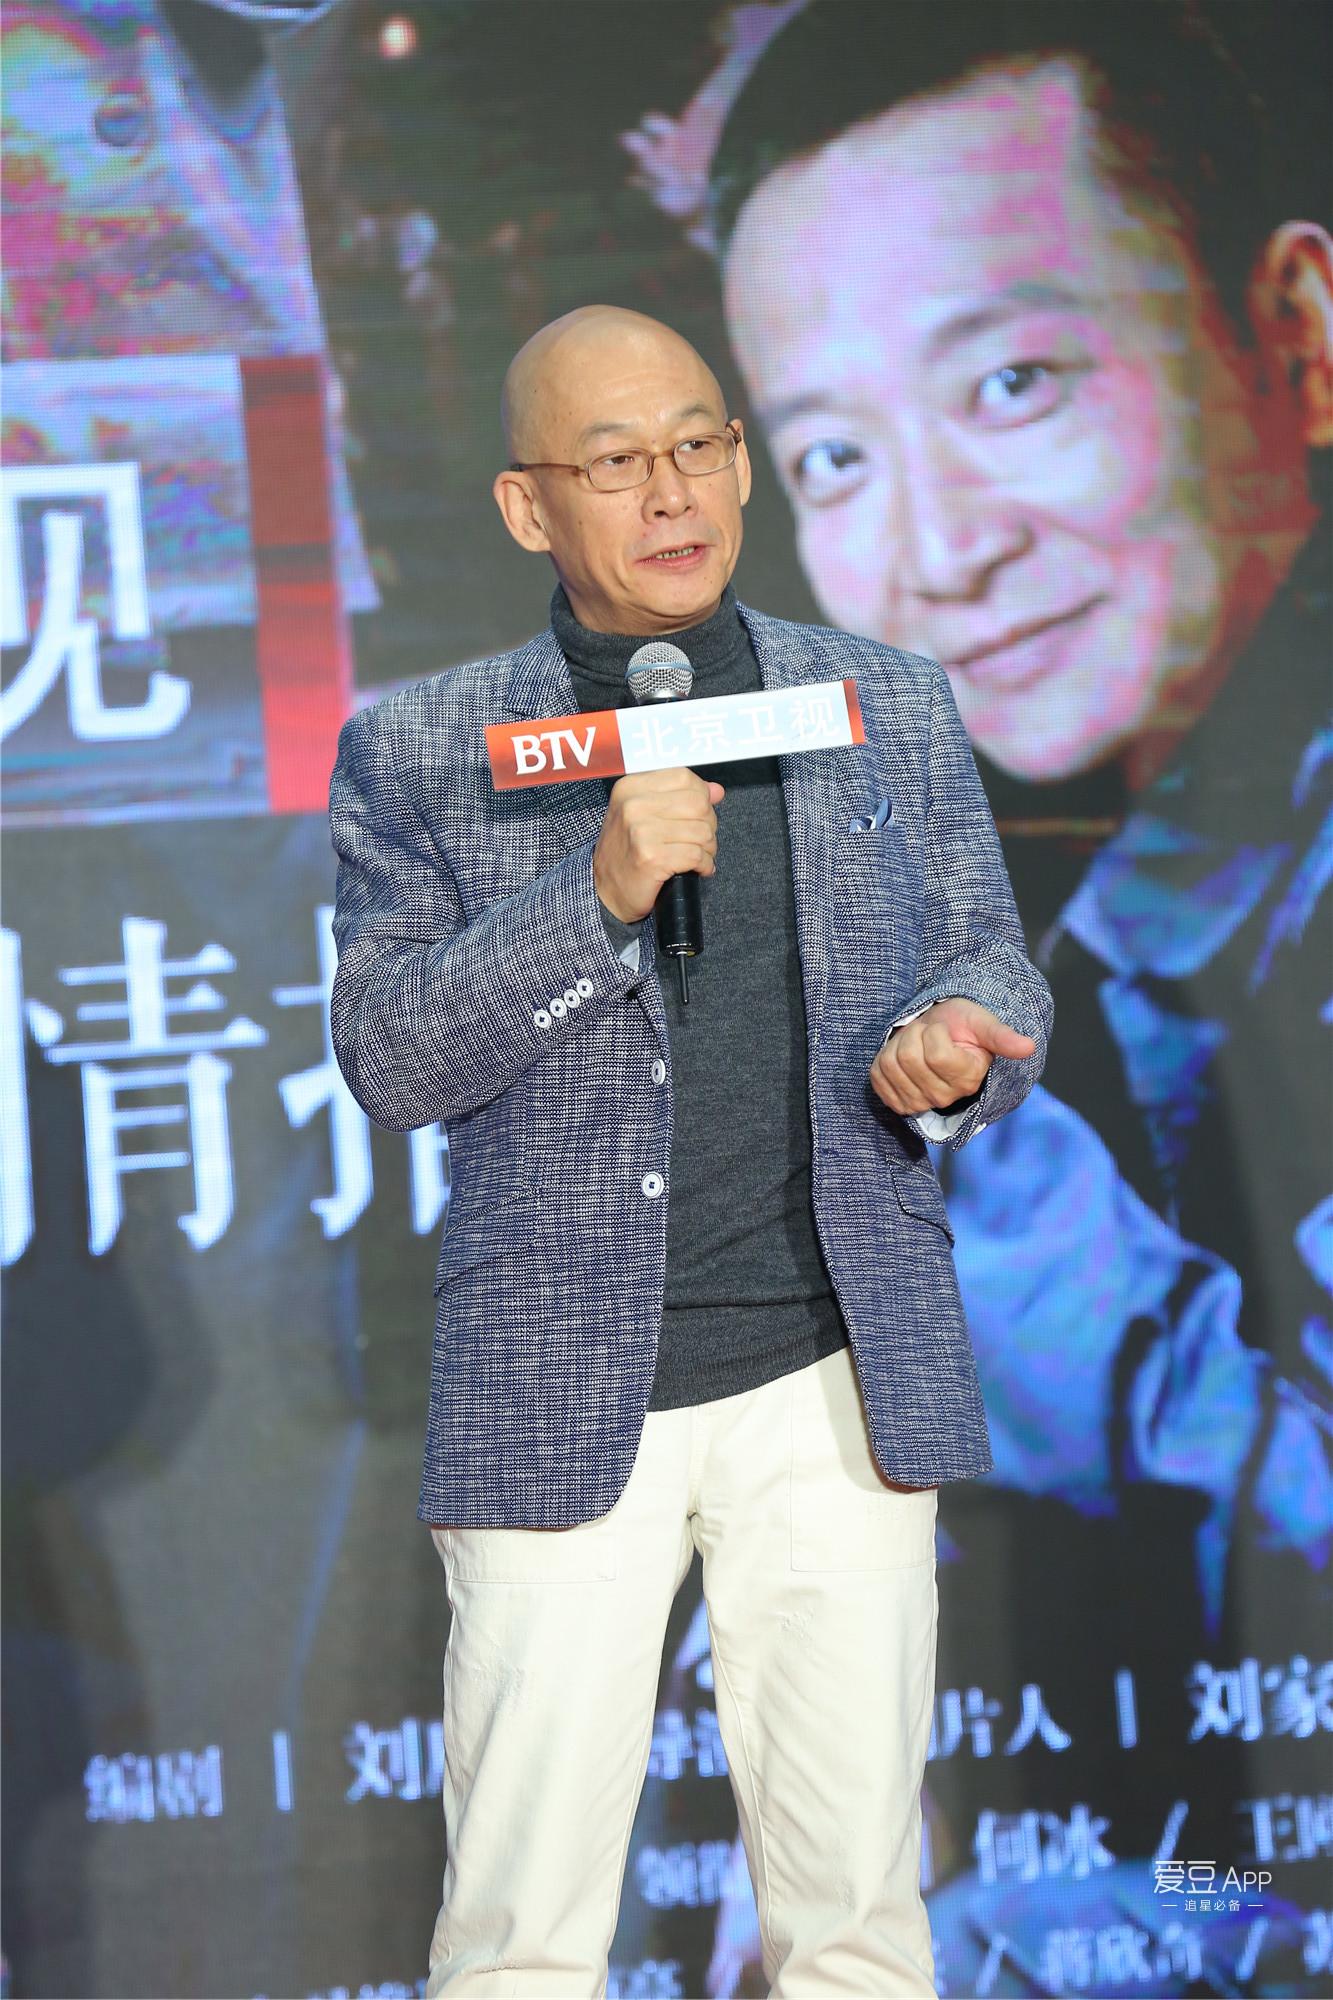 [消息]北京卫视《芝麻胡同》召开首播发布会 何